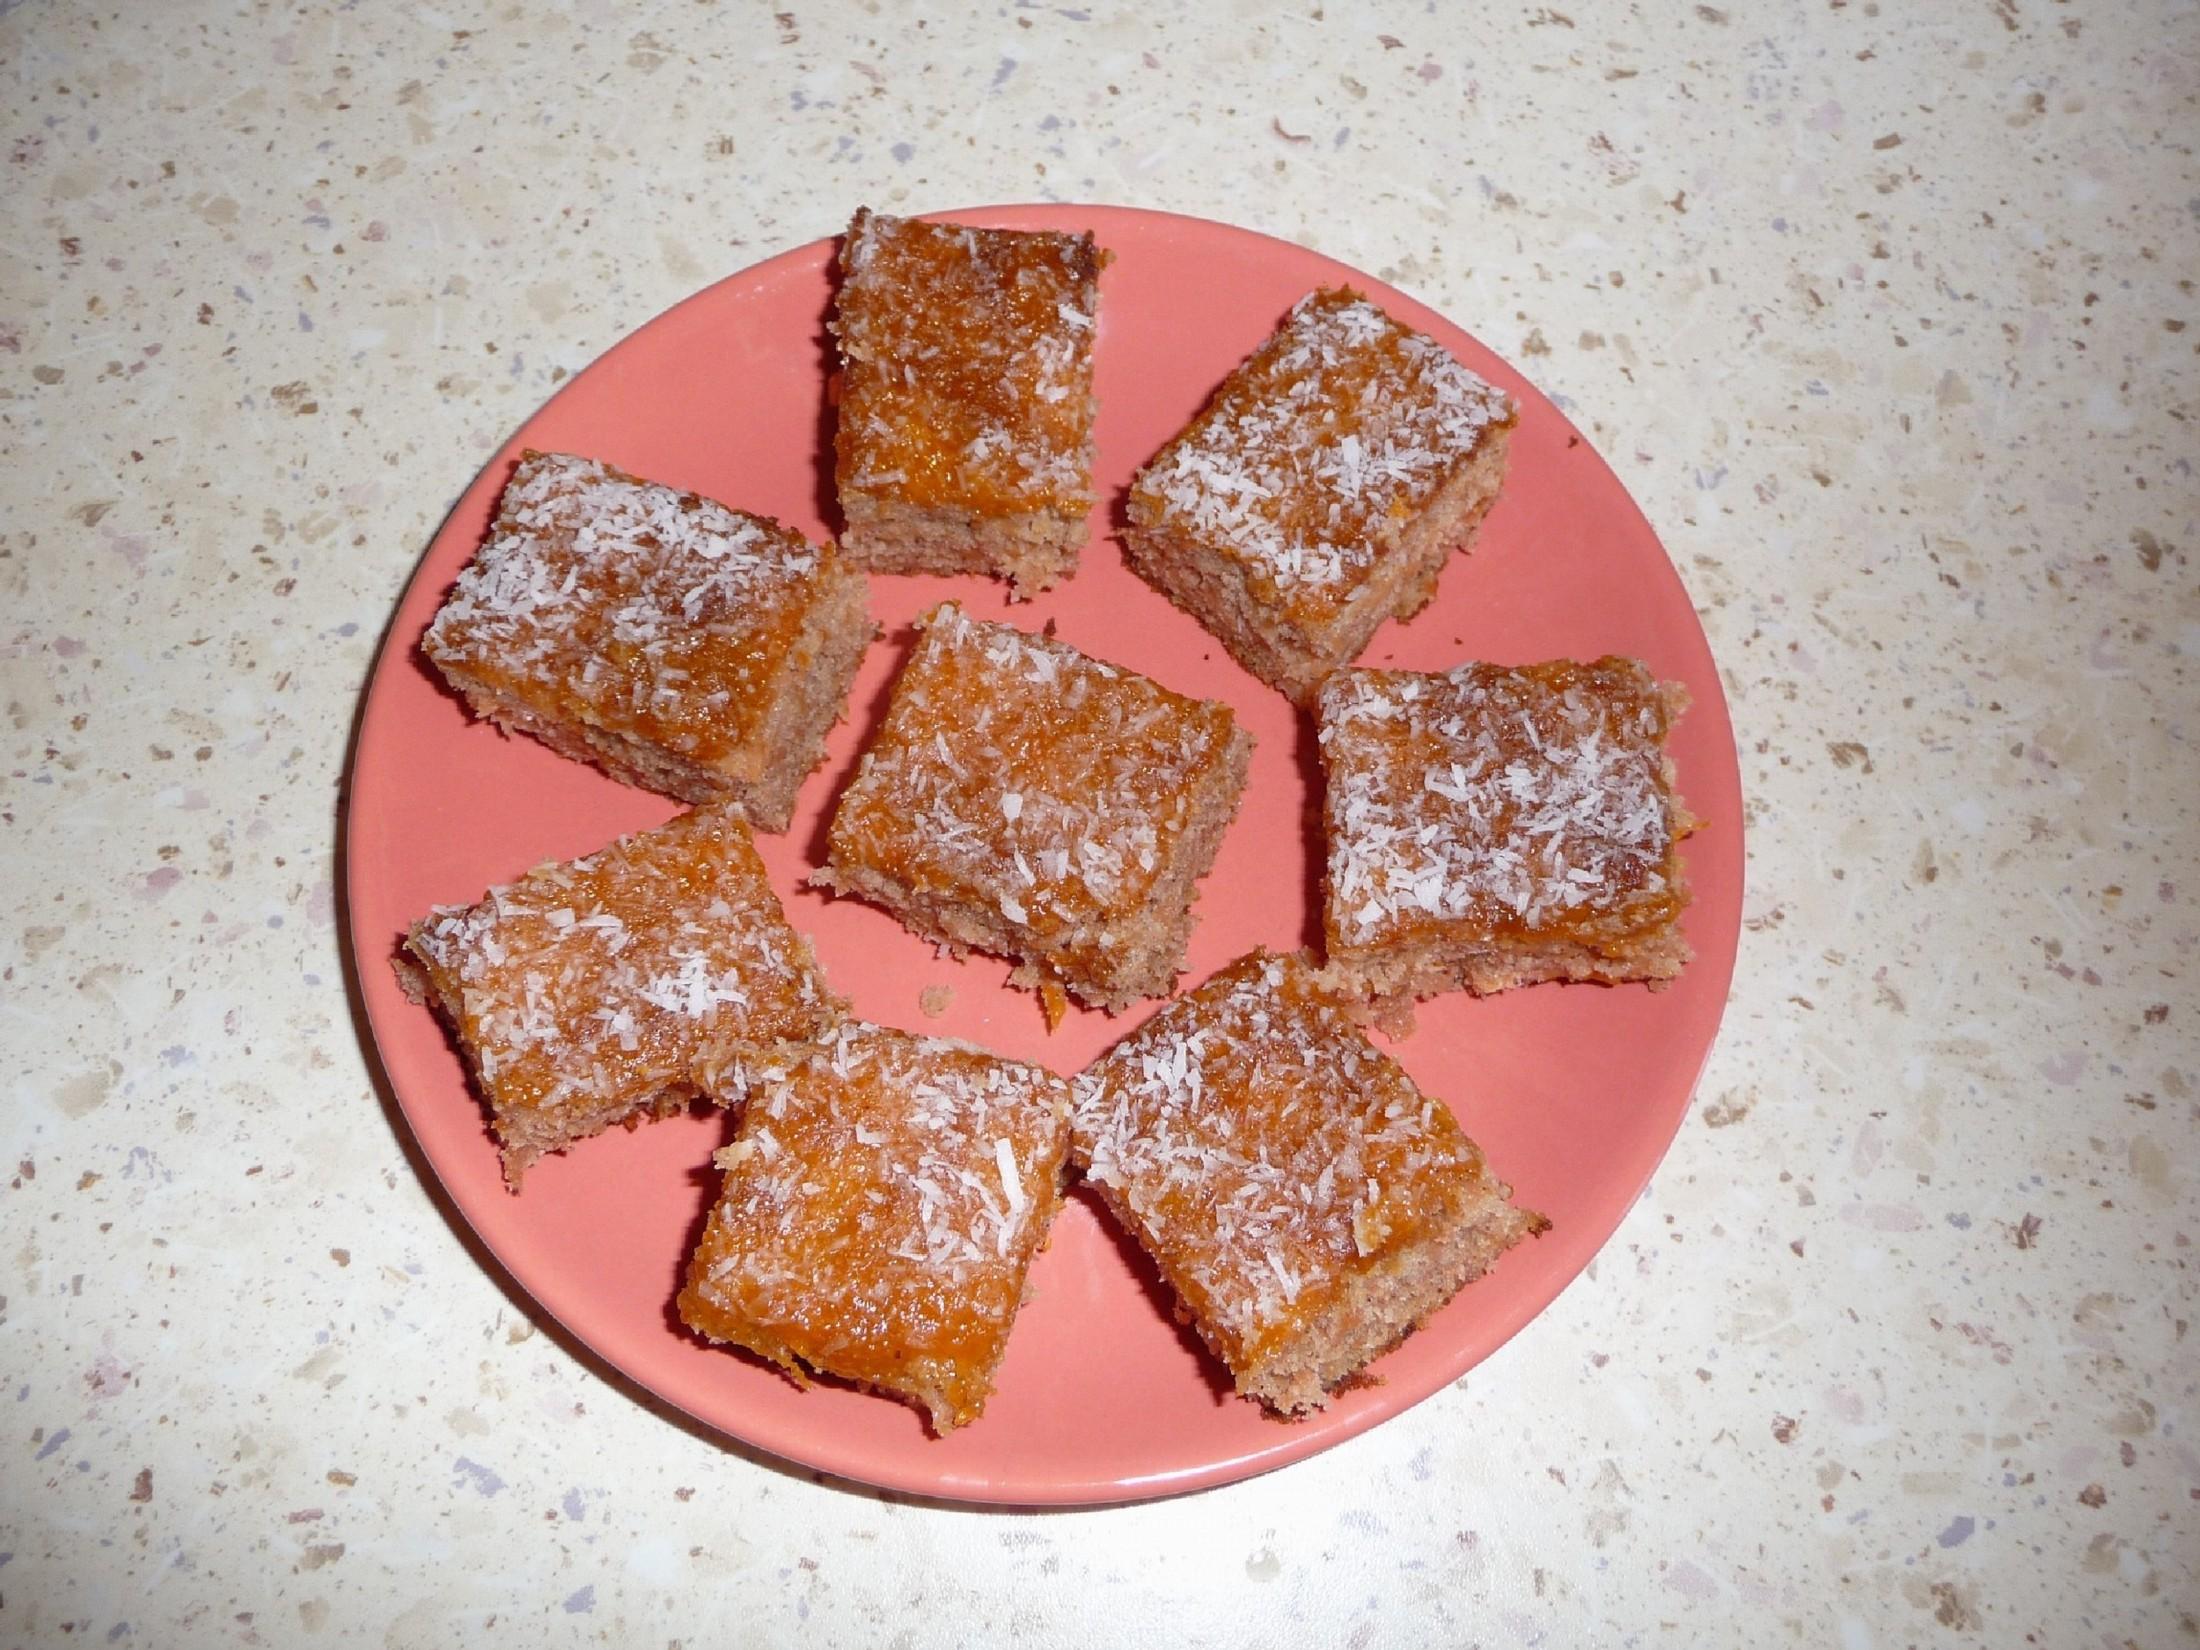 Recept Jednoduchý jablkový koláč - Dobrý i na cesty, vydrží dlouho vláčný.